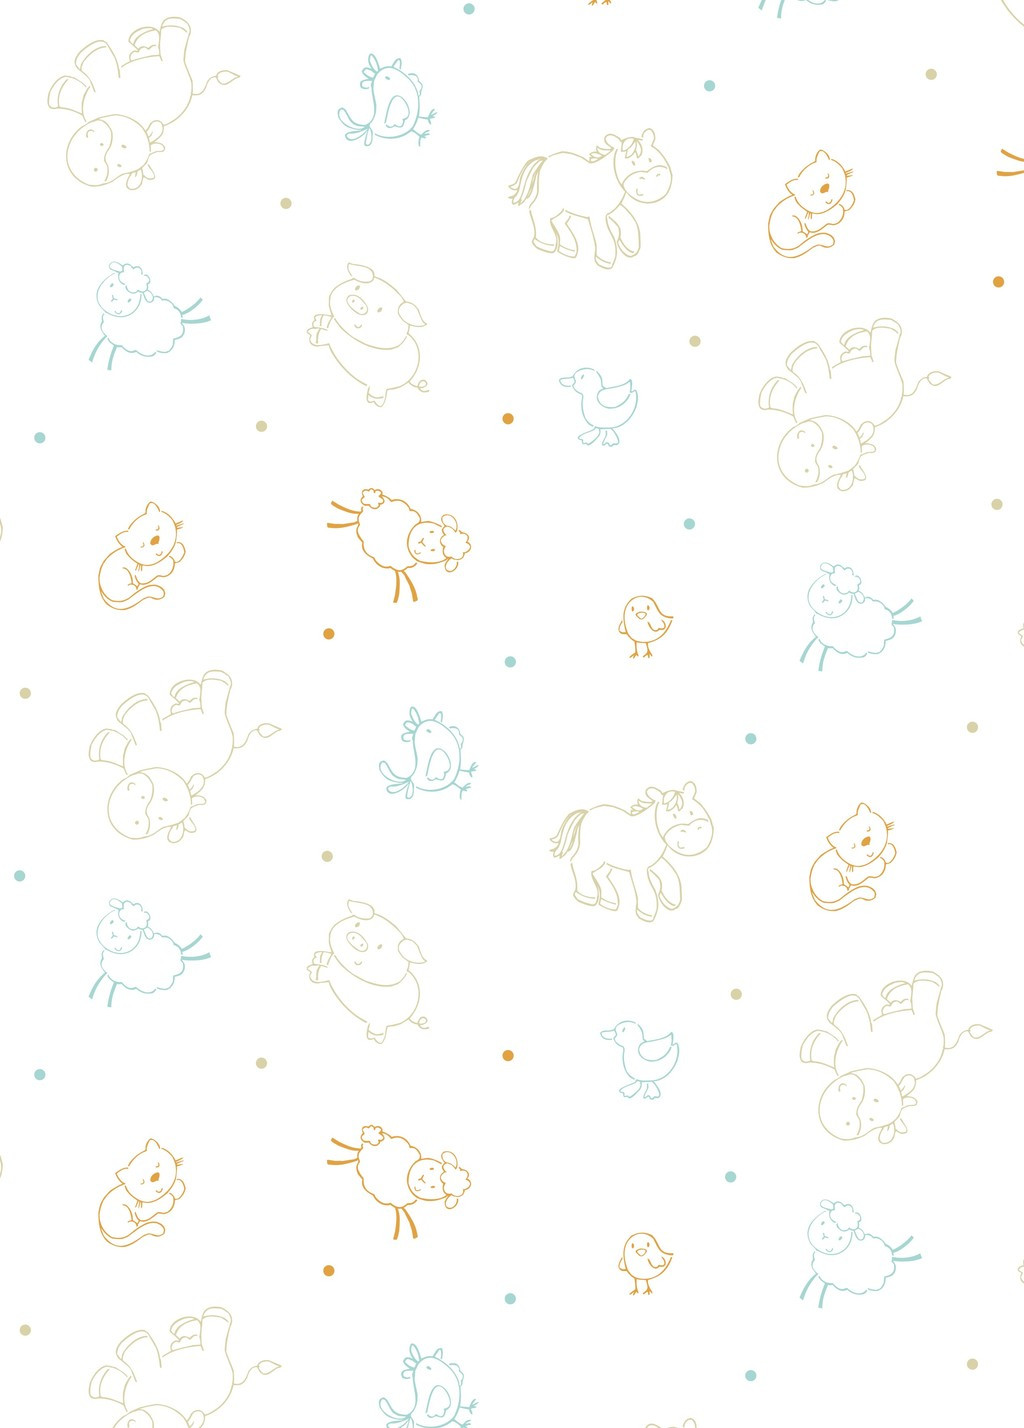 卡通动物面料图案设计